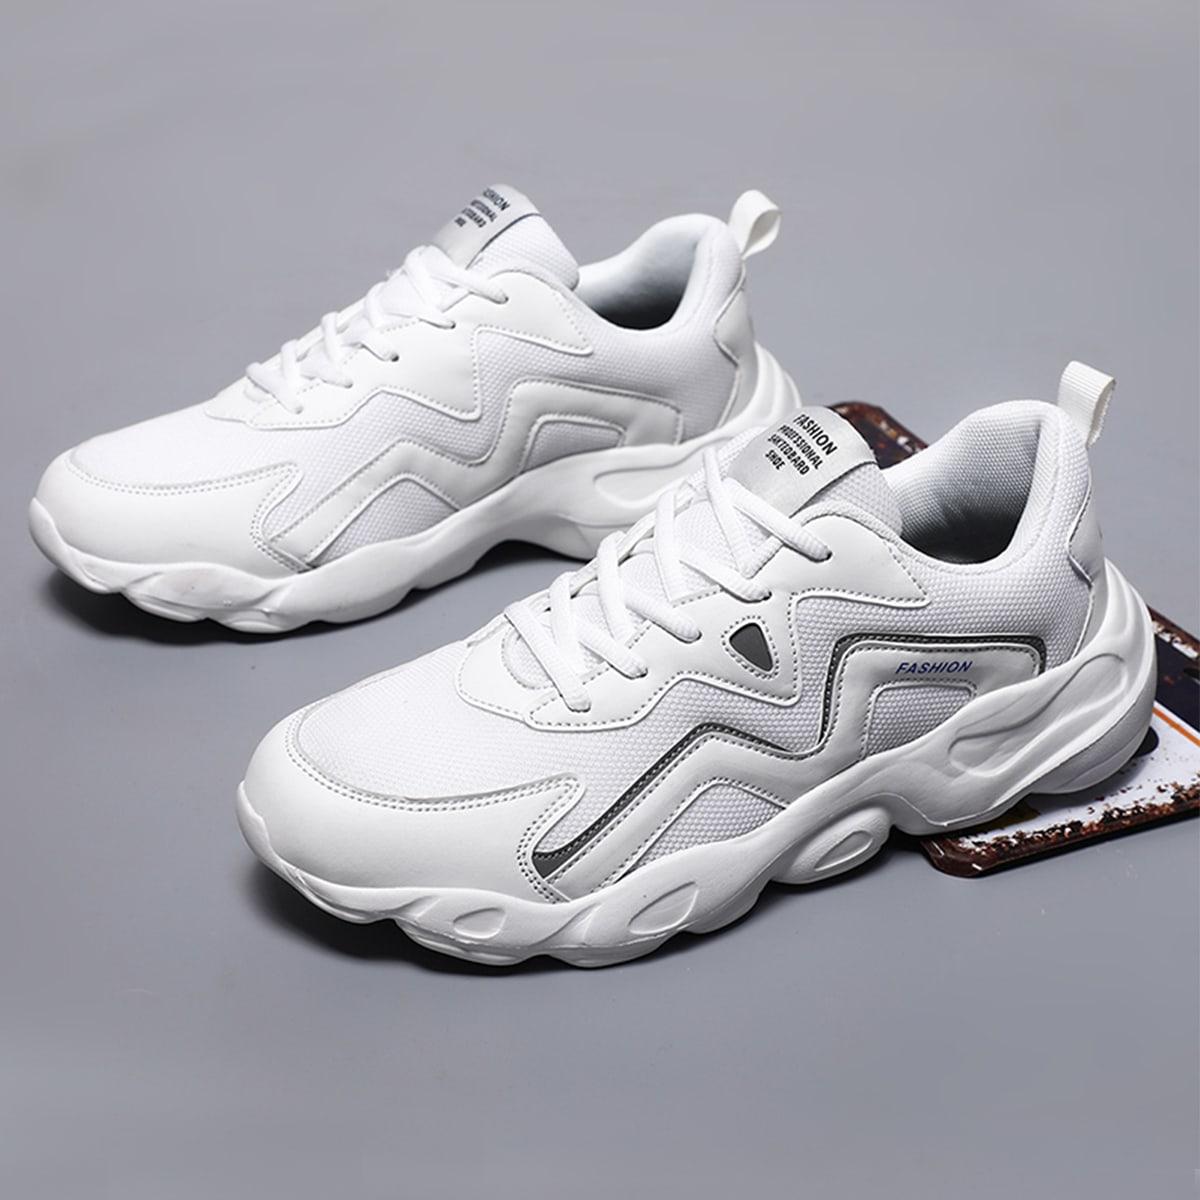 Мужские кроссовки на шнурках с низким верхом